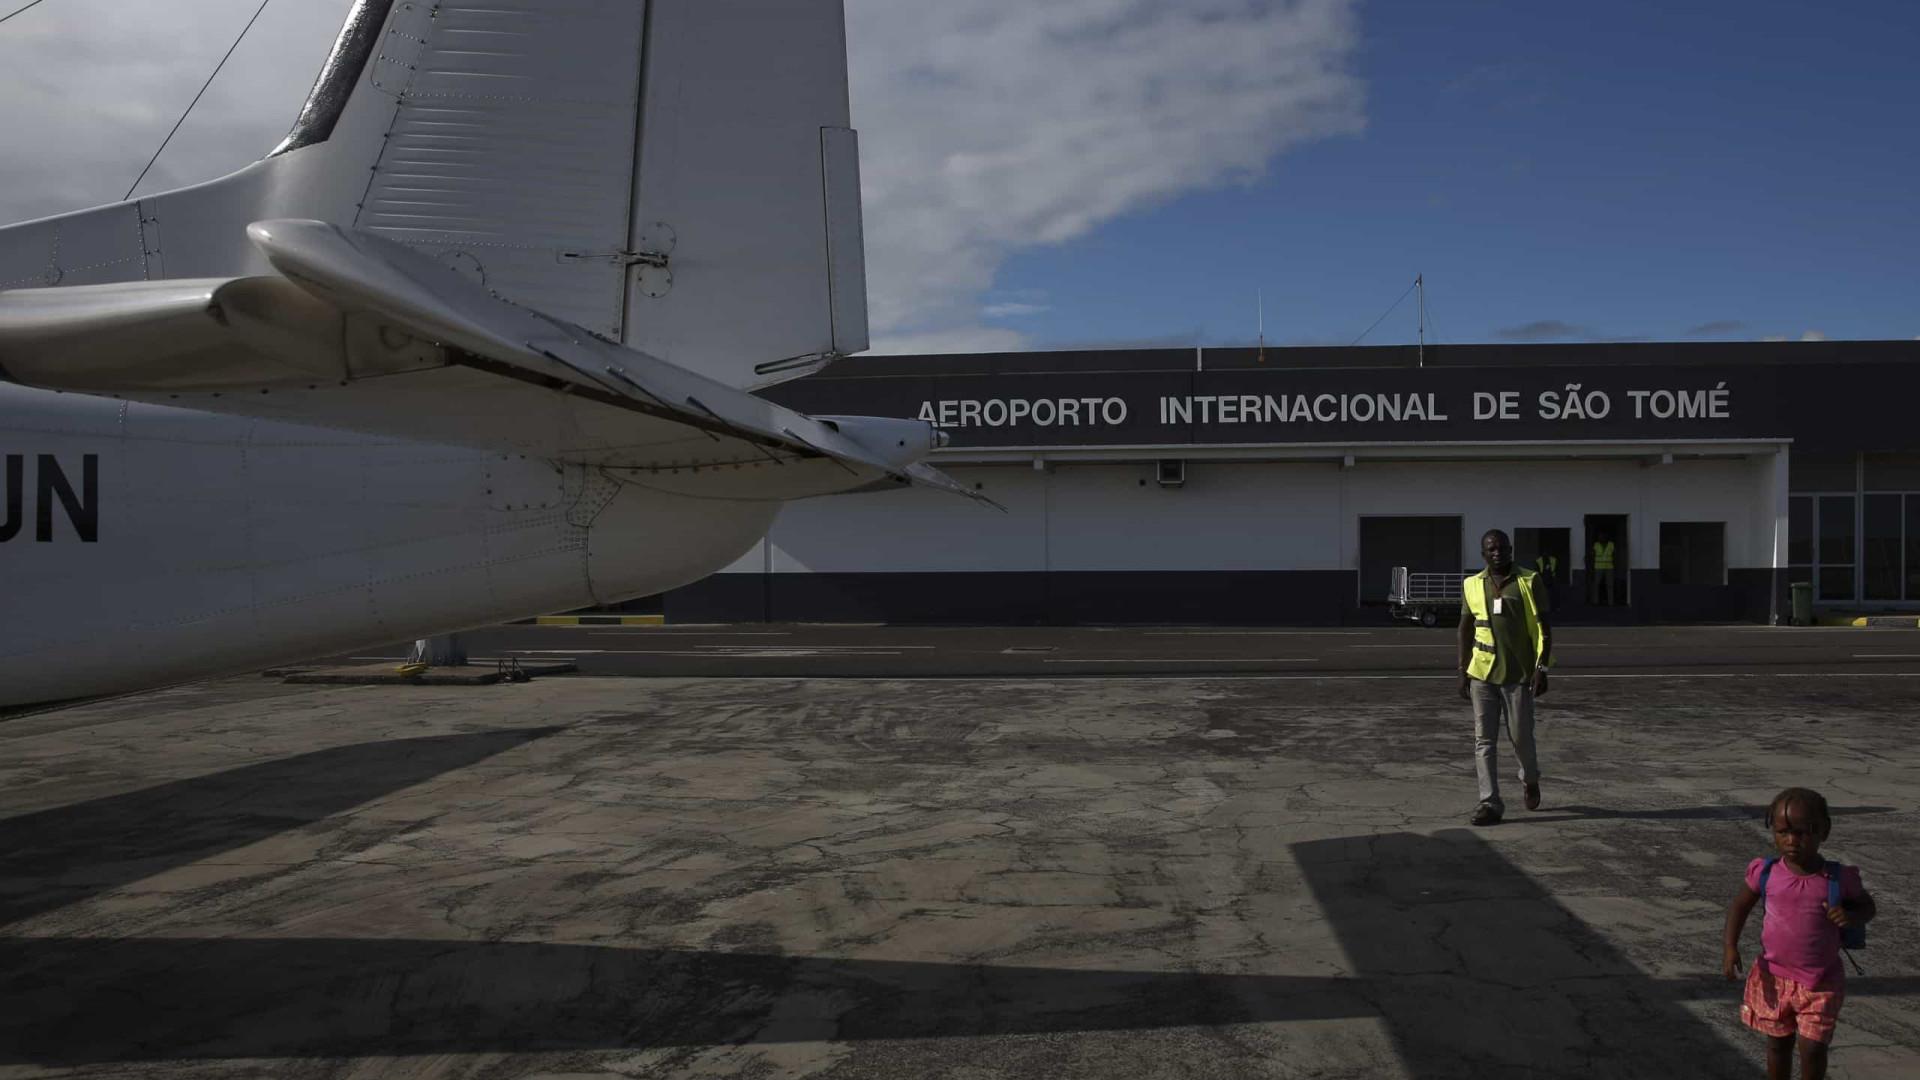 Avião russo despenha-se no aeroporto de São Tomé, cinco feridos